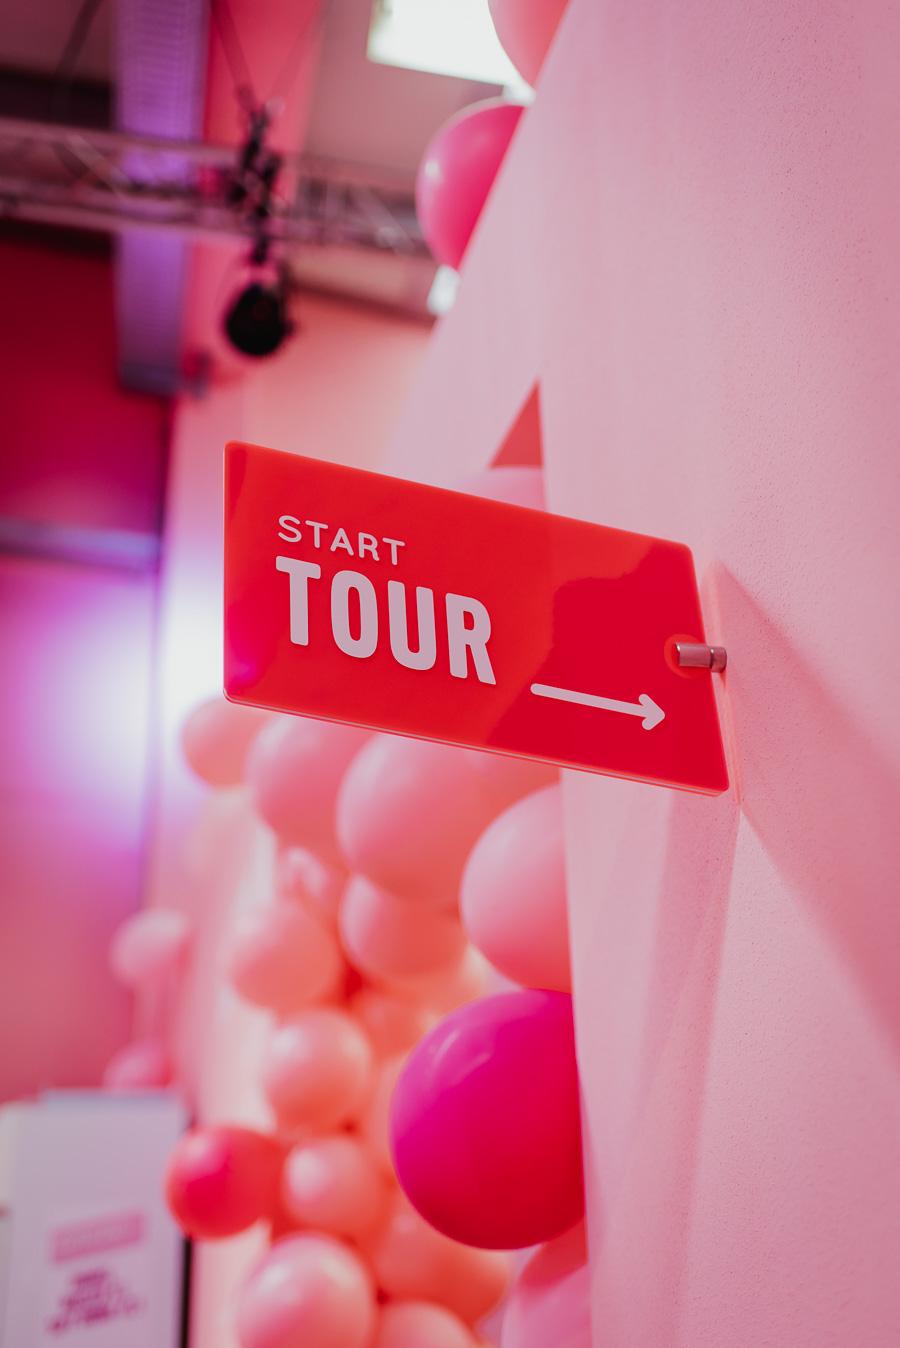 Tour Start